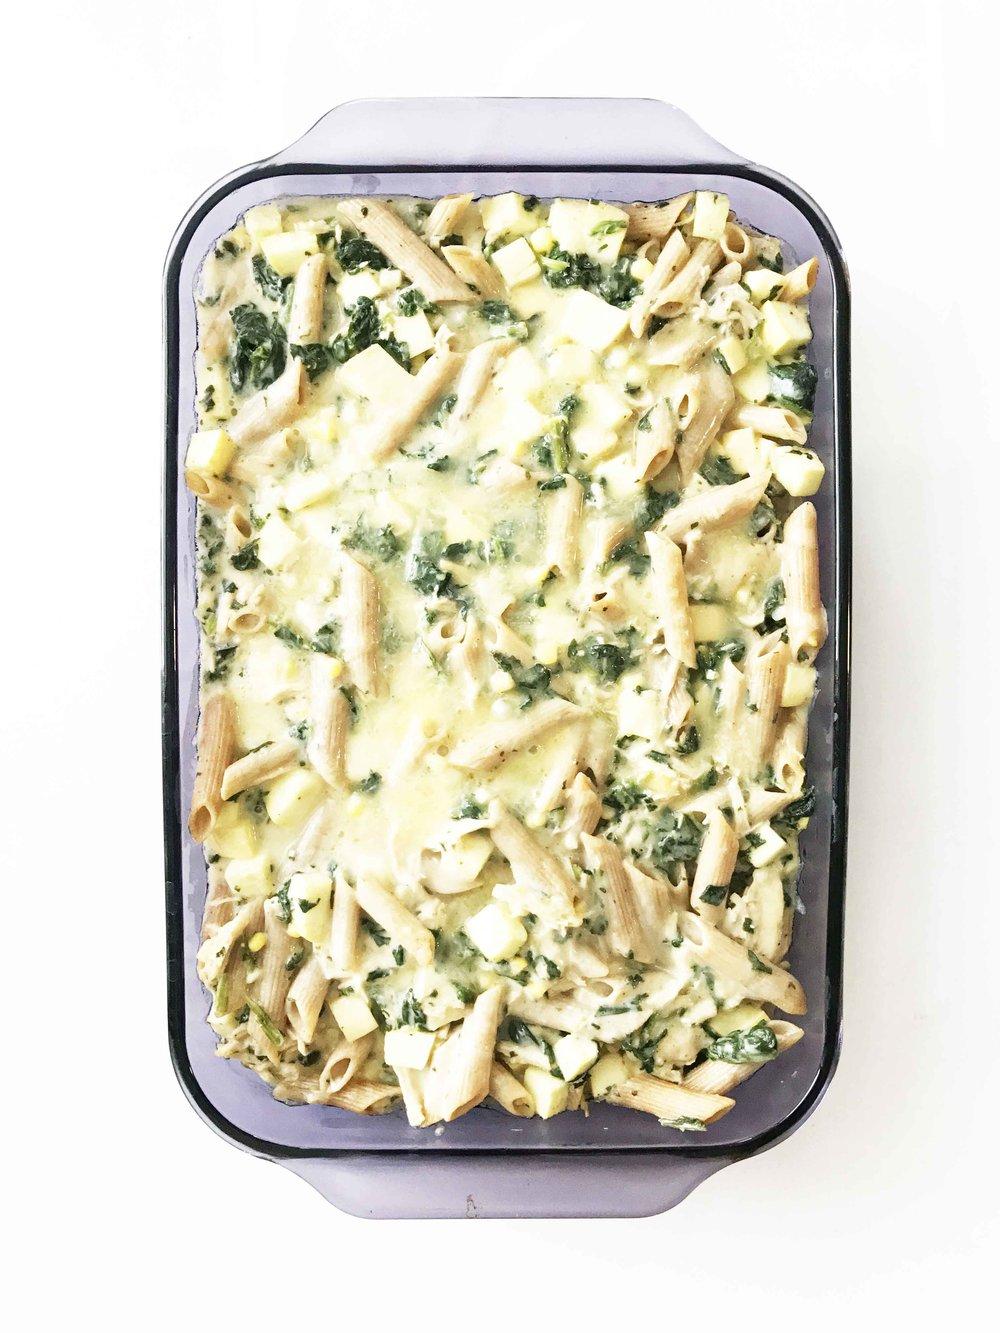 zucchini-corn-casserole12.jpg